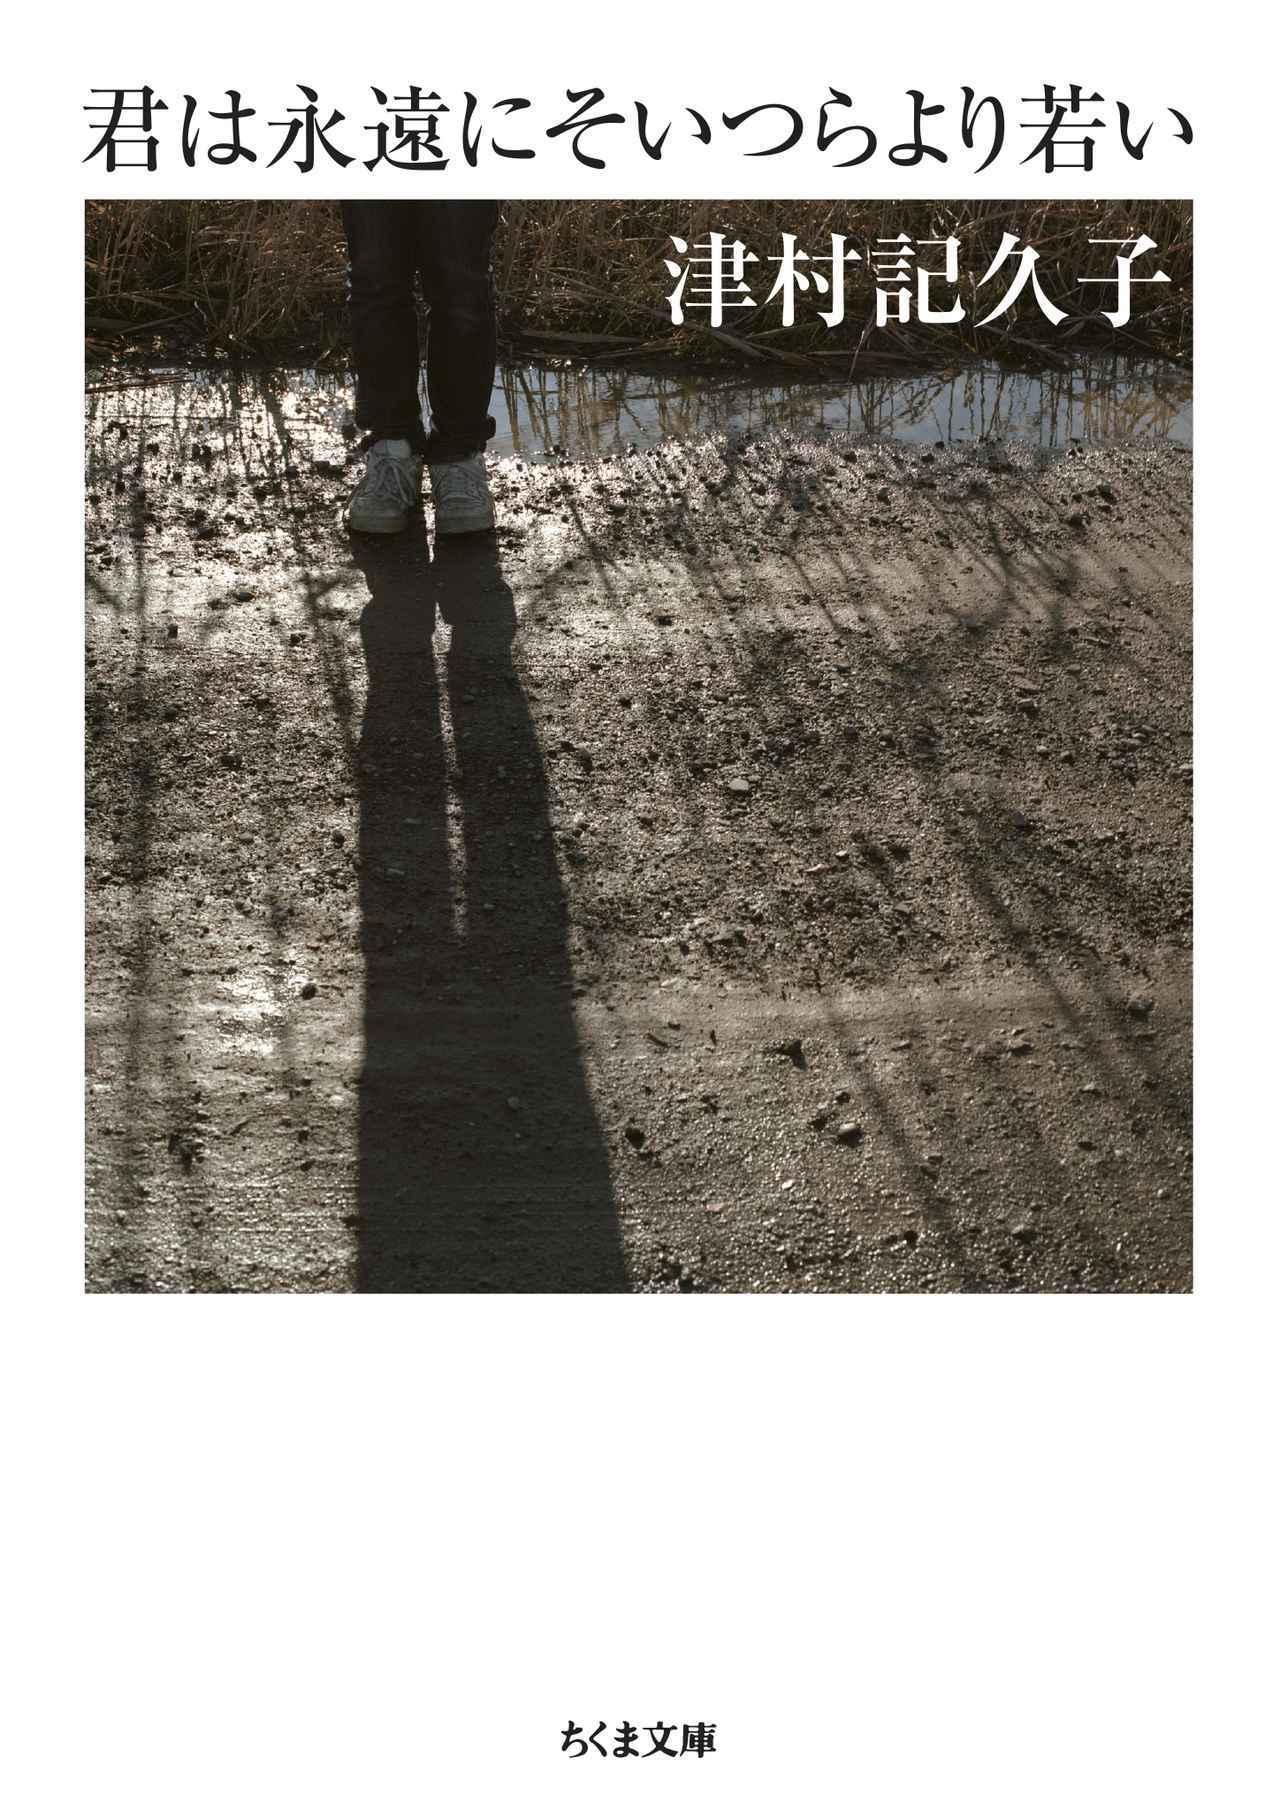 画像: 津村記久子著「君は永遠にそいつらより若い」(筑摩書房刊) 書影